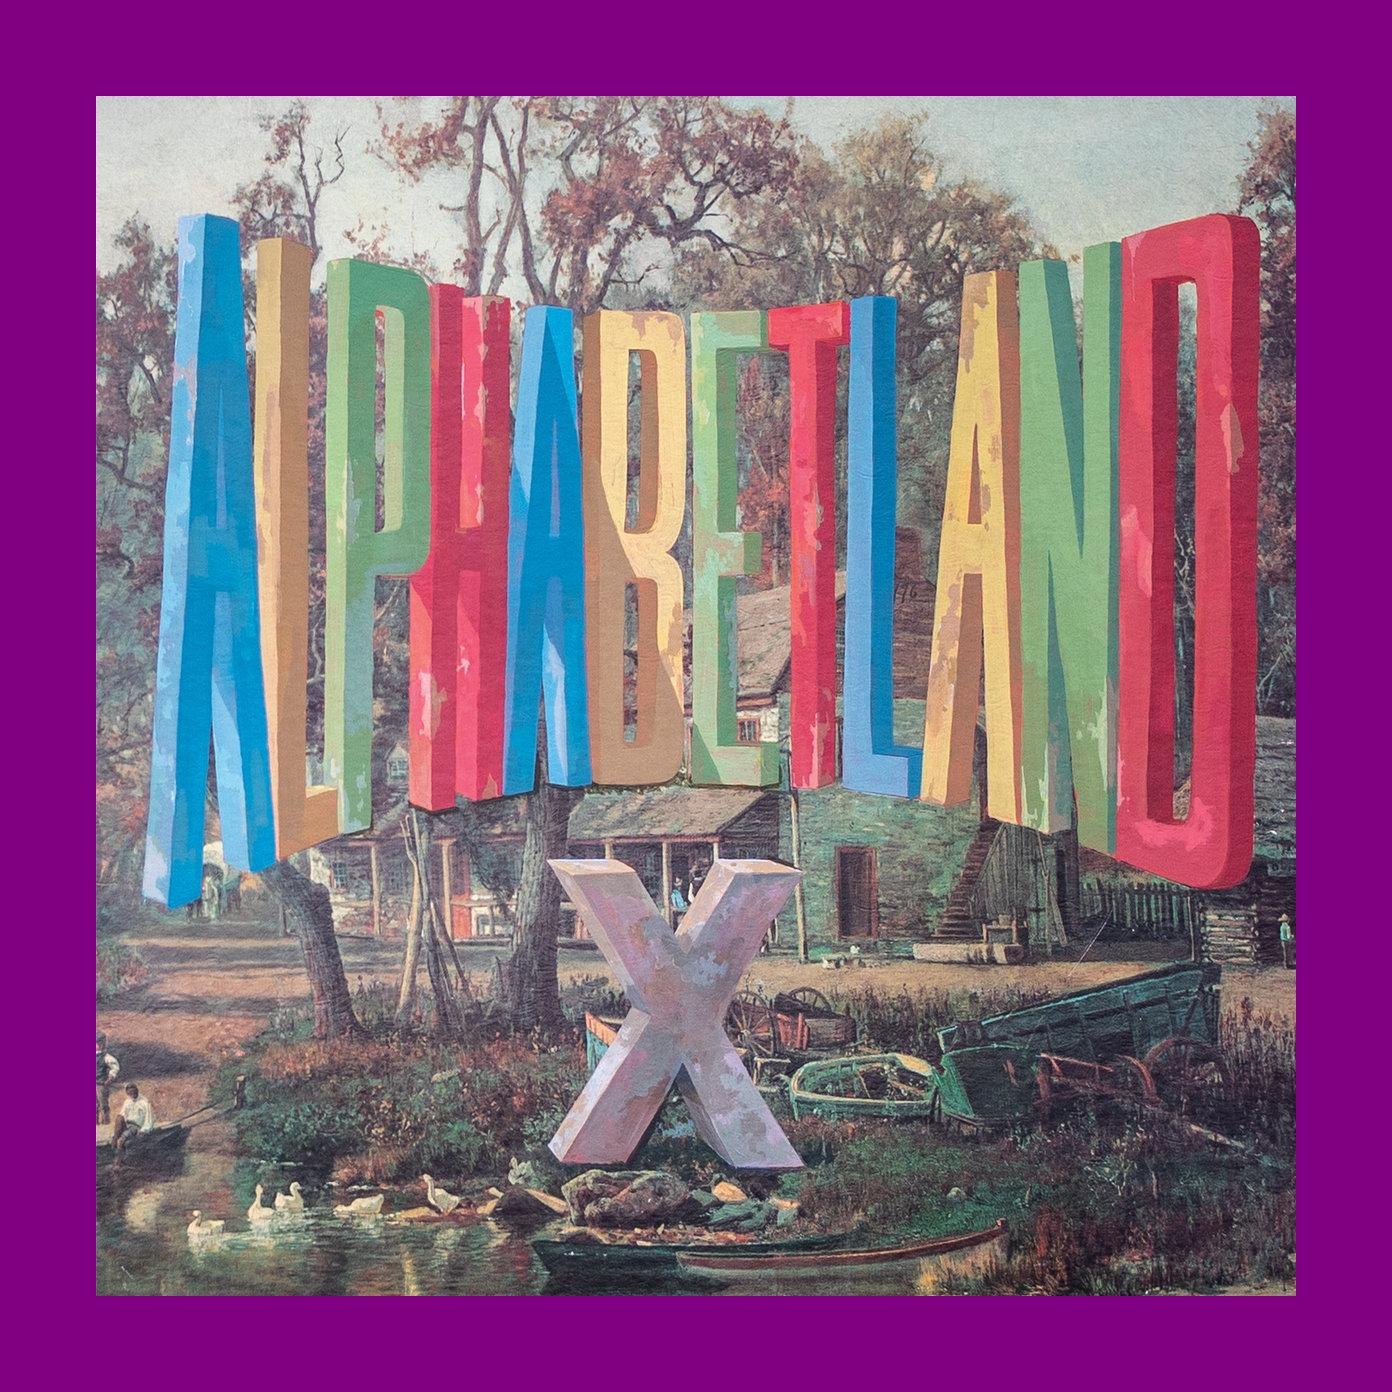 ¿Qué Estás Escuchando? - Página 6 X-ALPHABETLAND-Album-Review-PURPLE